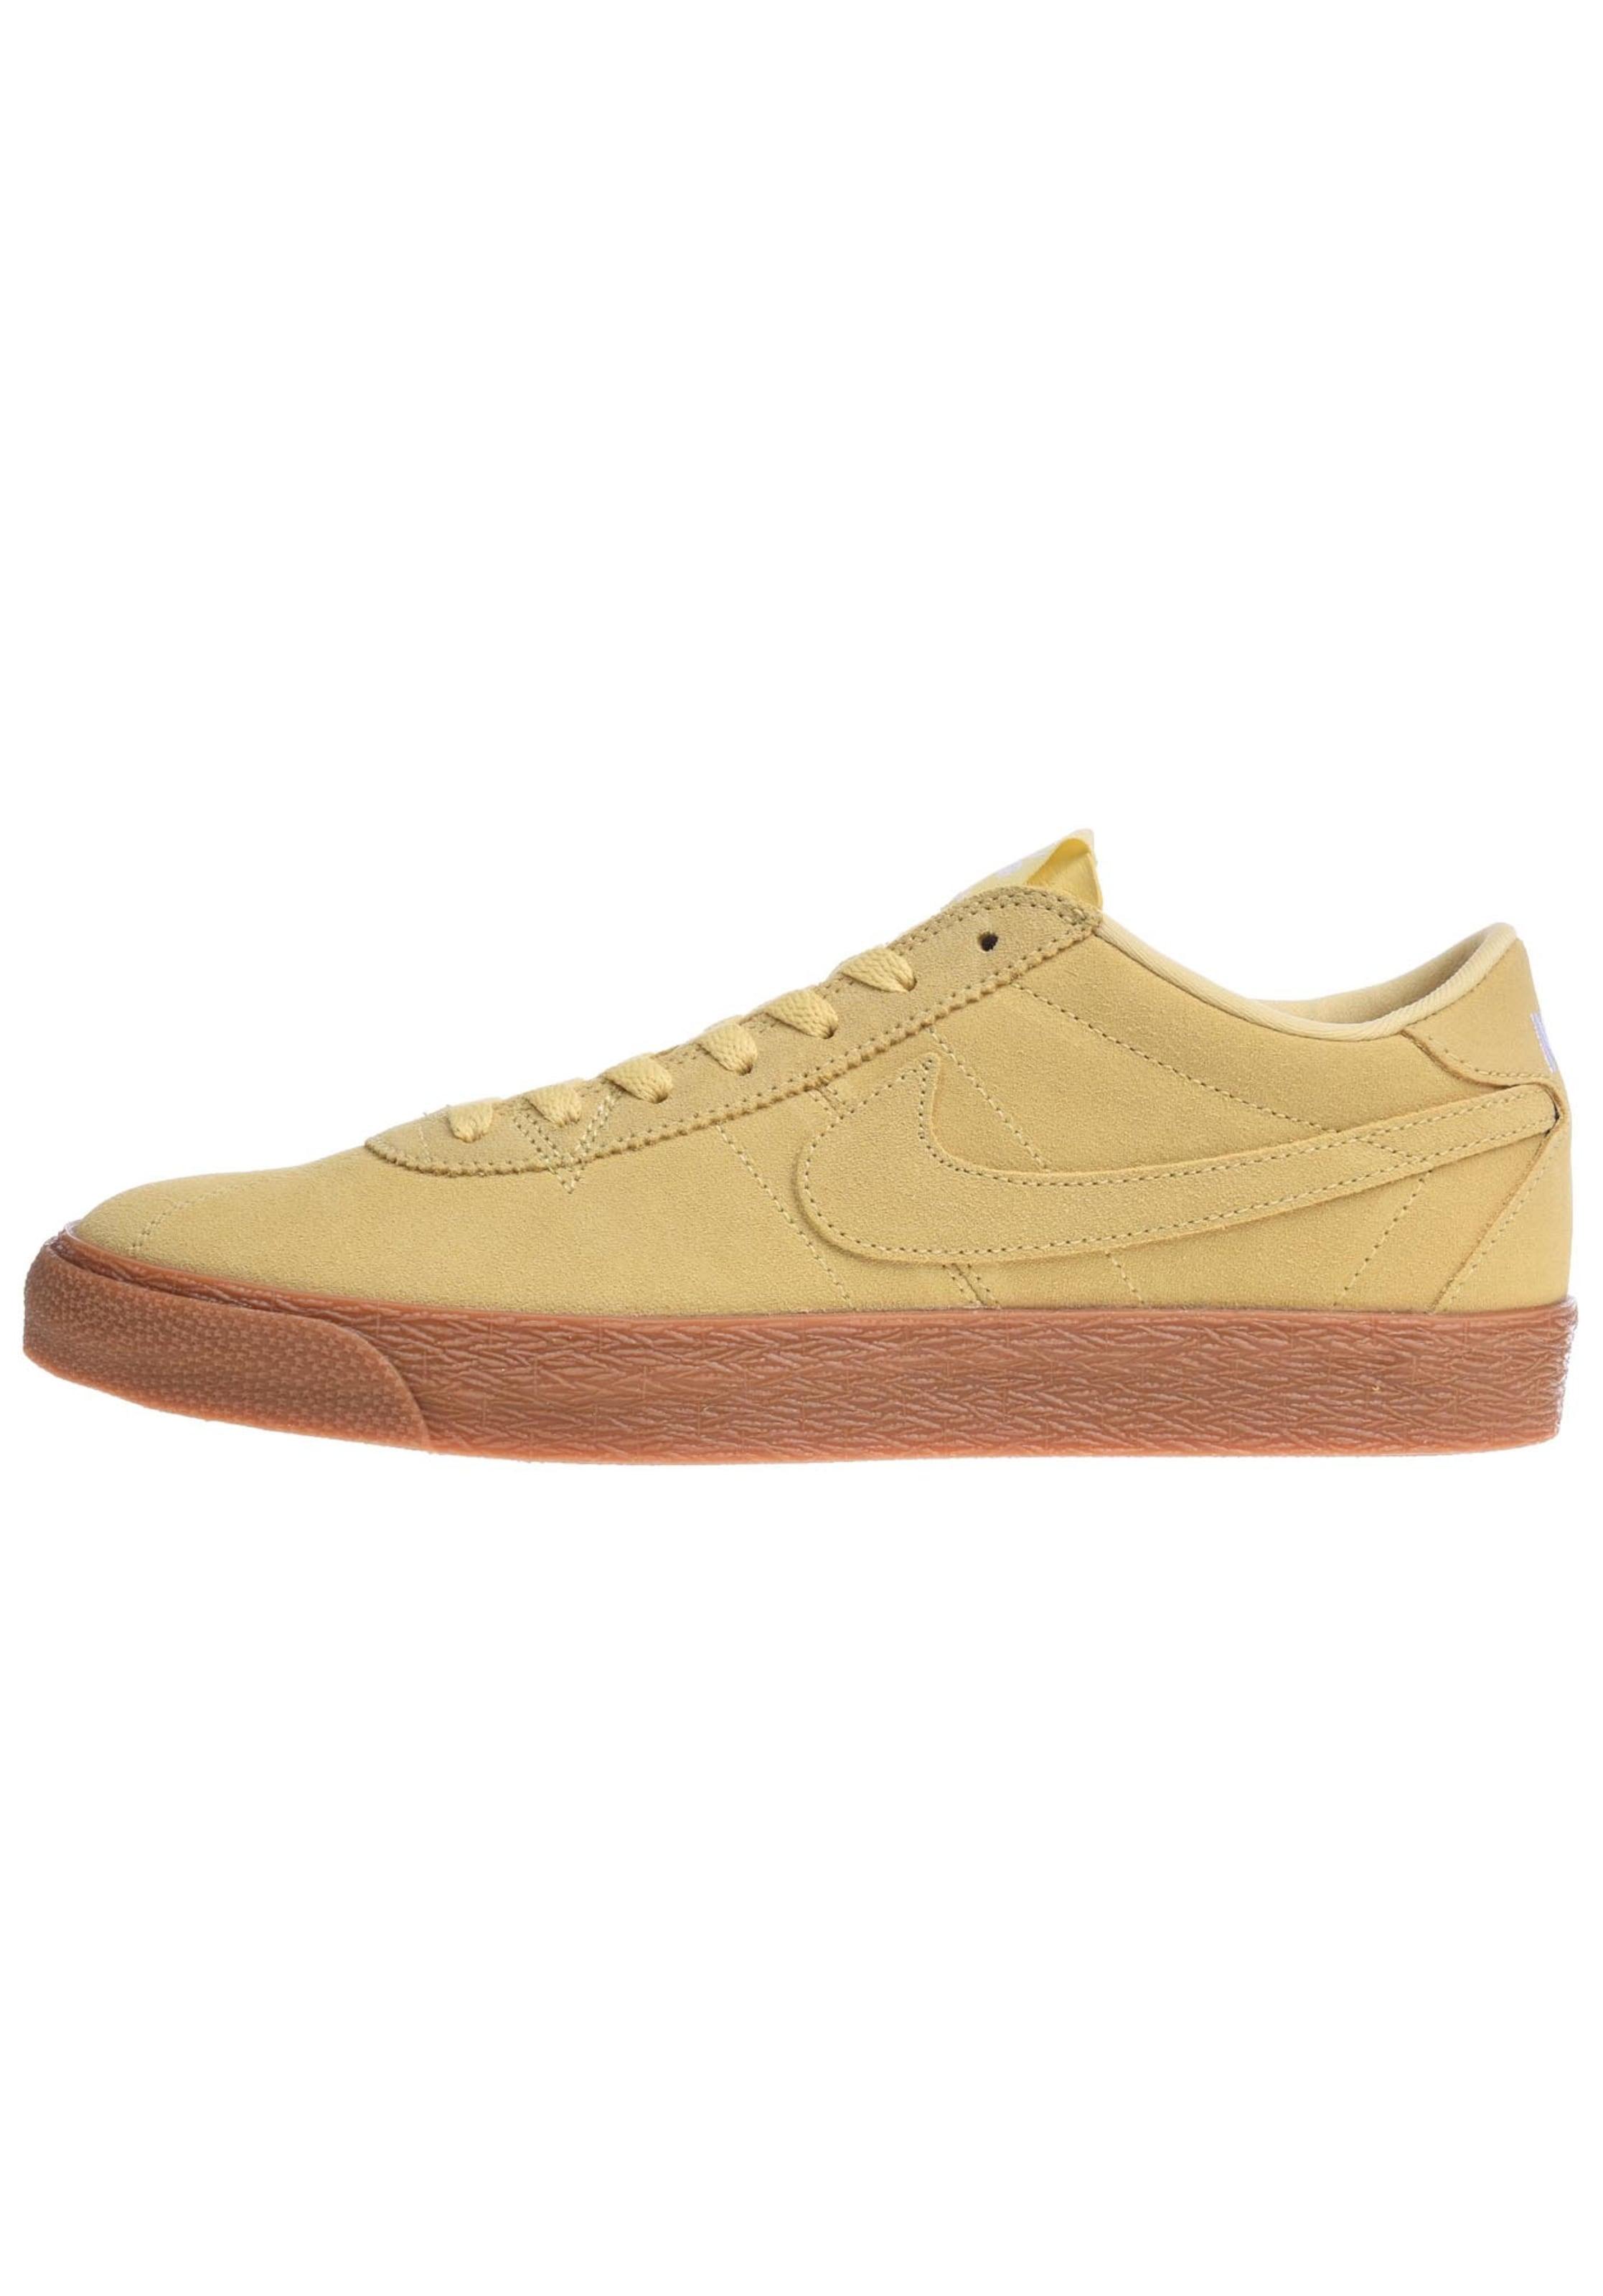 Nike SB  Bruin Zoom Premium SE  Sneaker